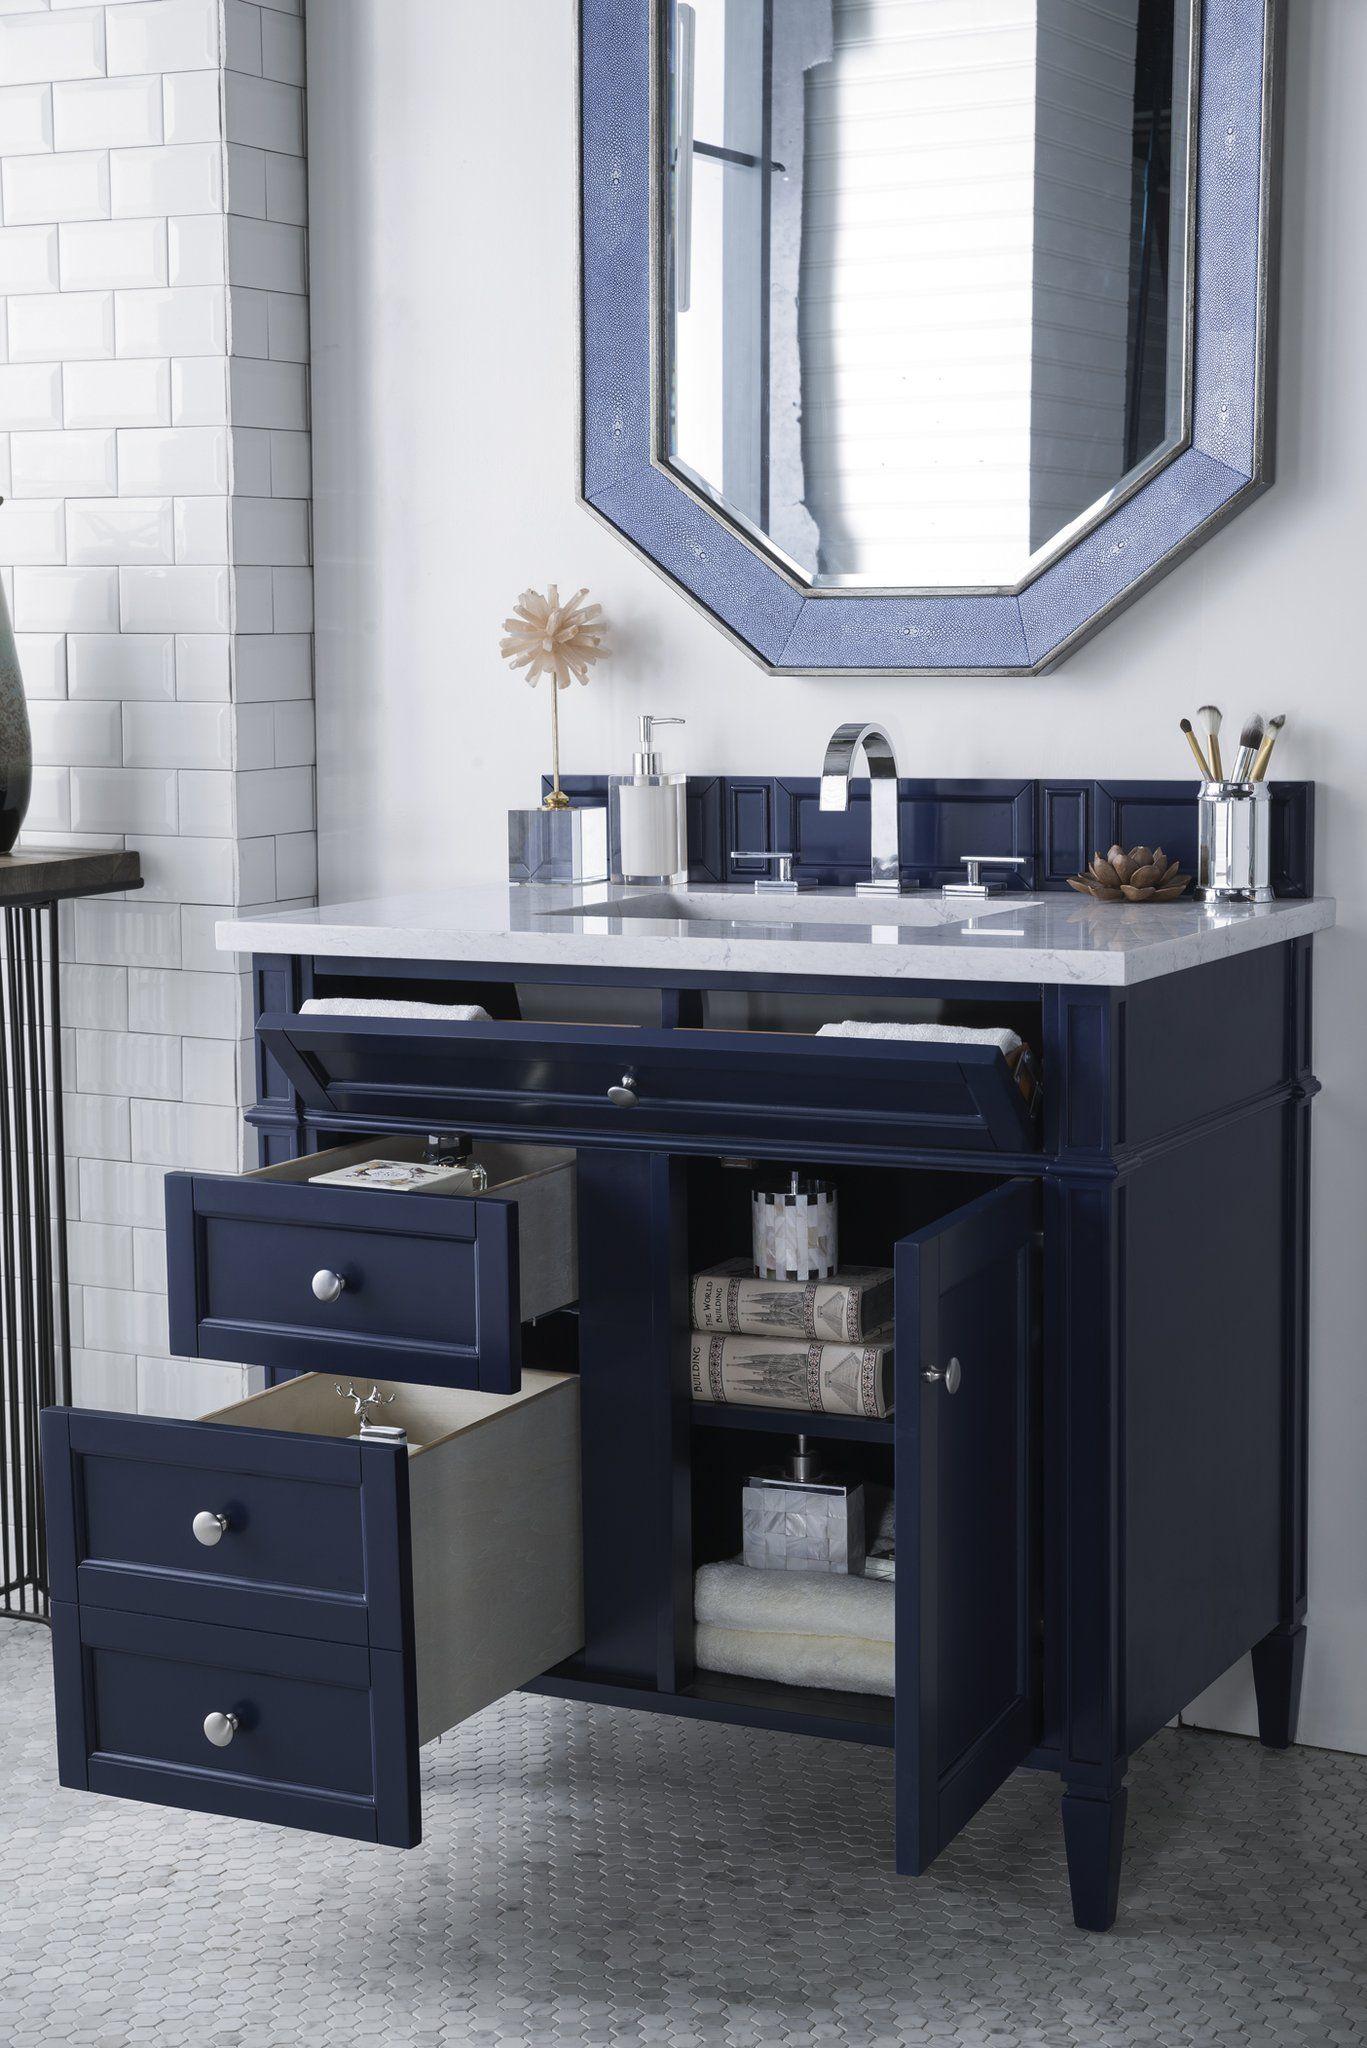 brittany 36 single vanity victory blue single bathroom on vanity bathroom id=58403